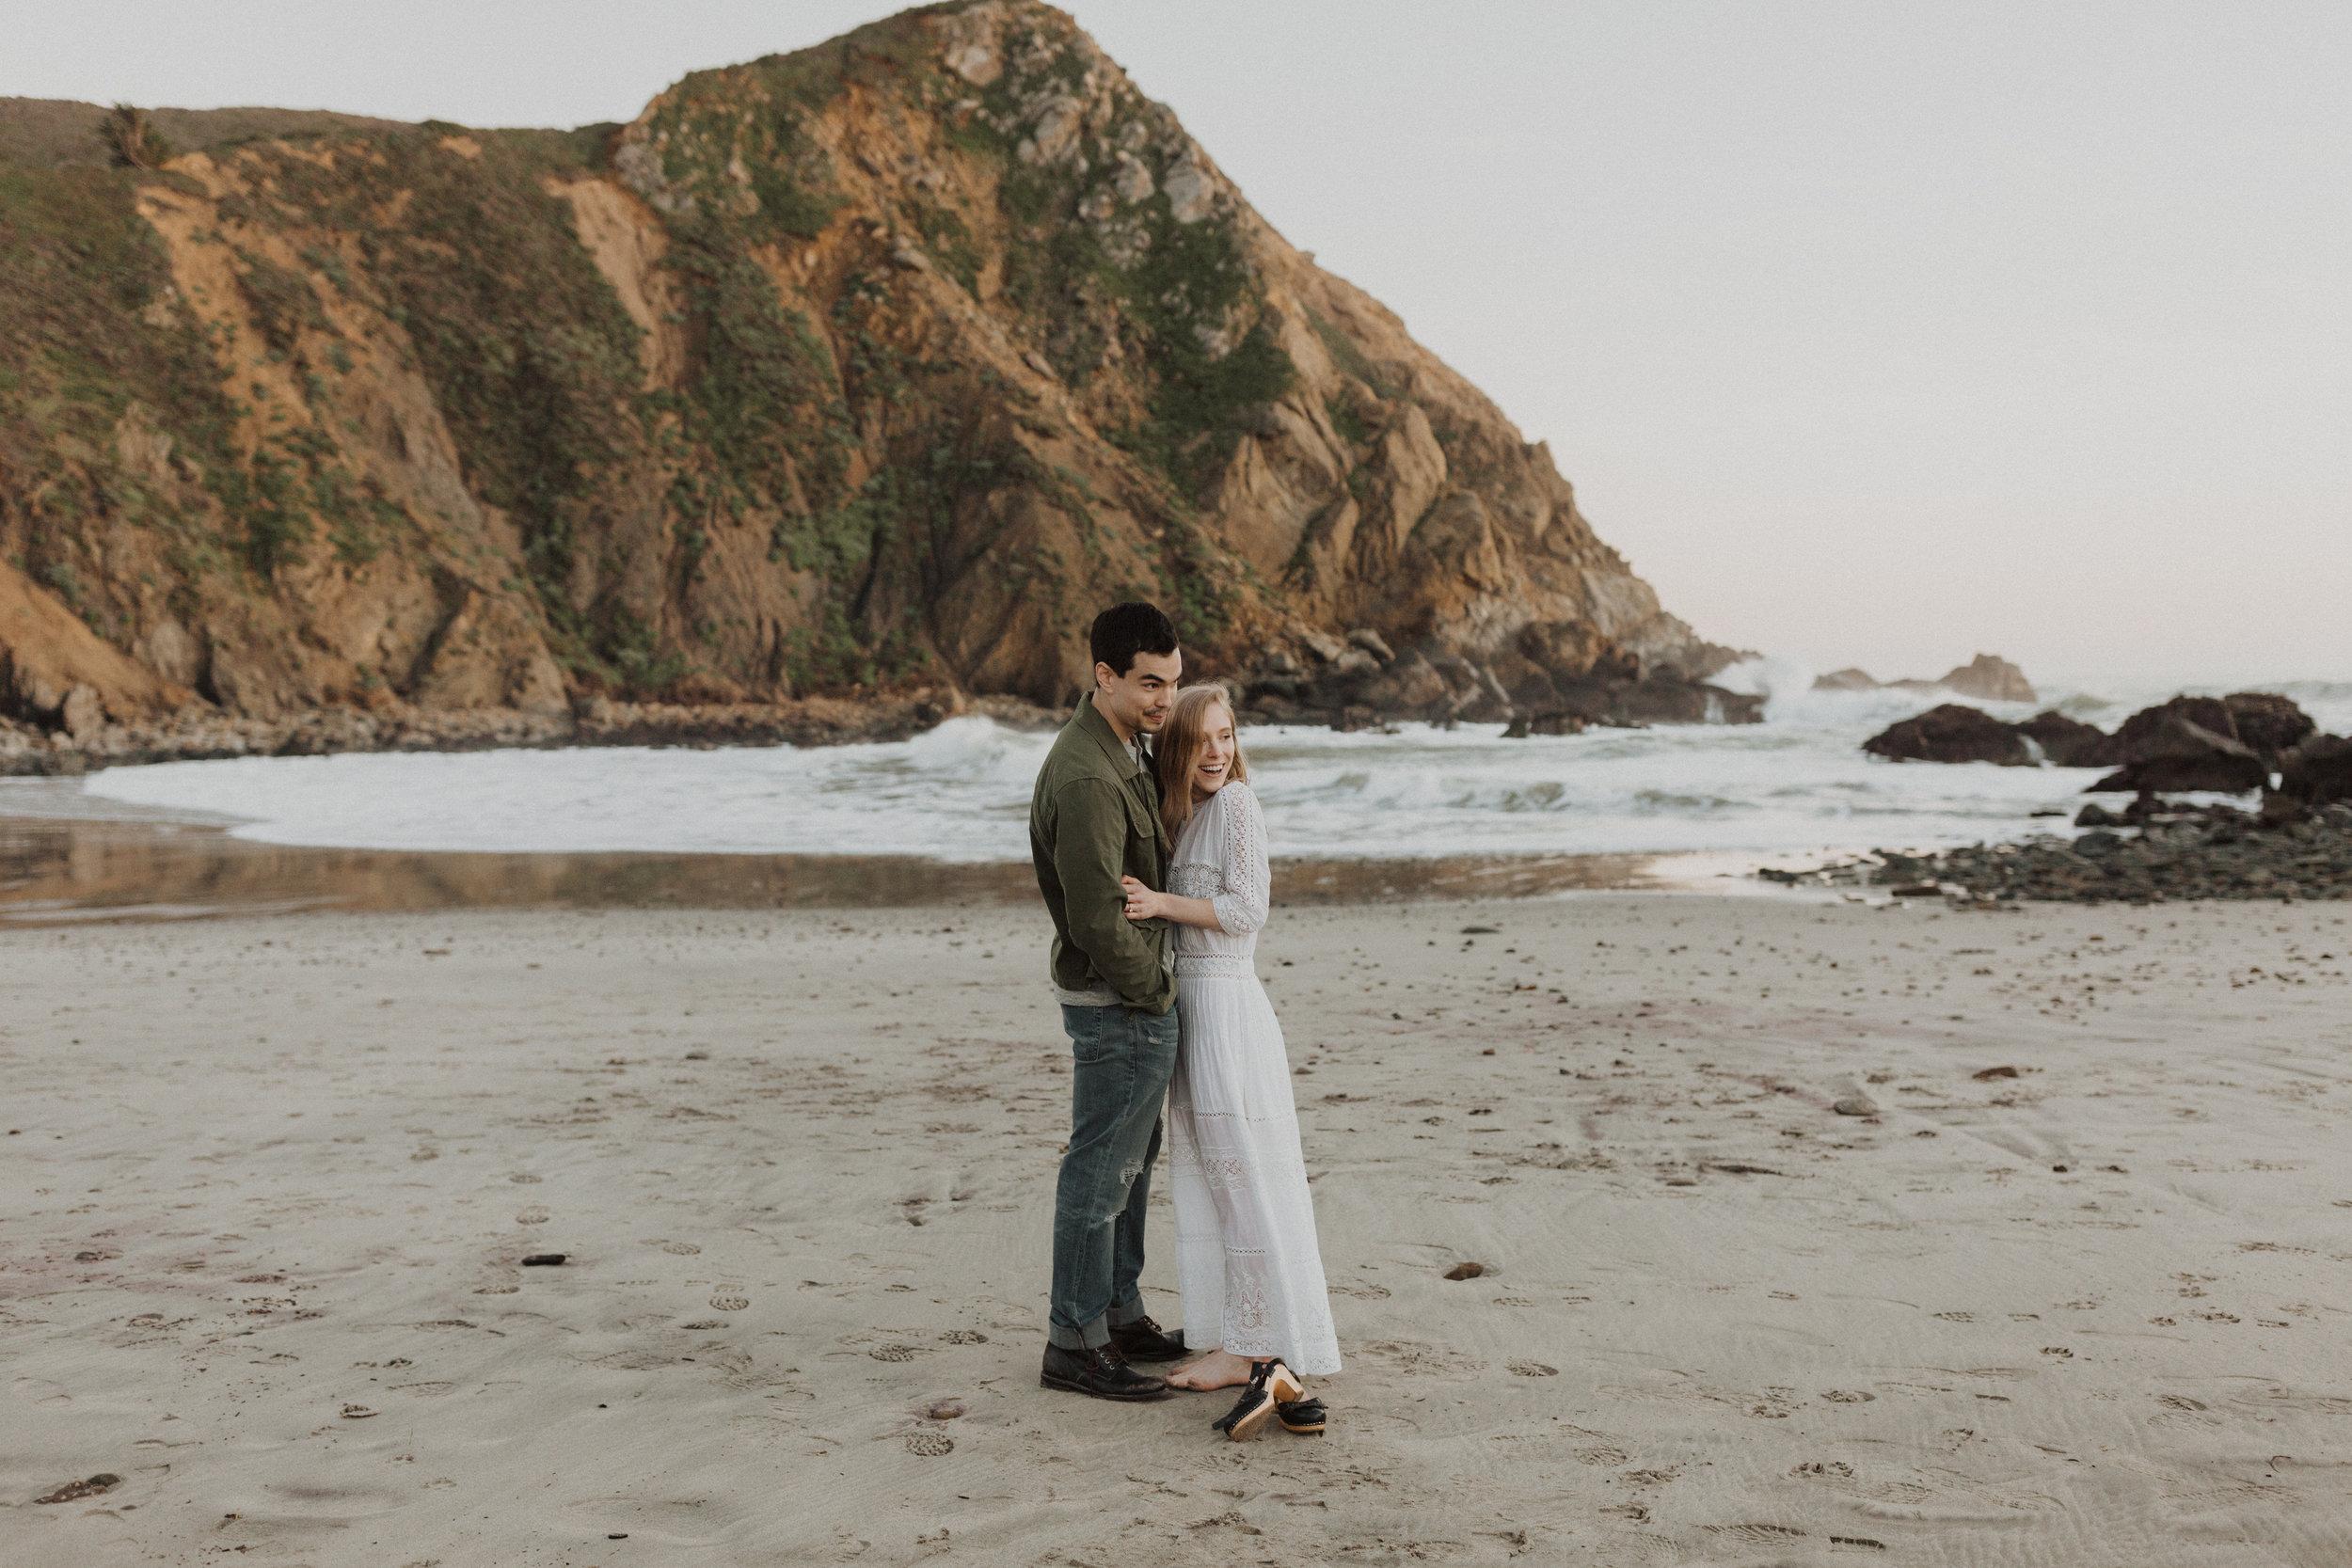 sara&patrick-bigsur-california-engagements-2019-1379.jpg